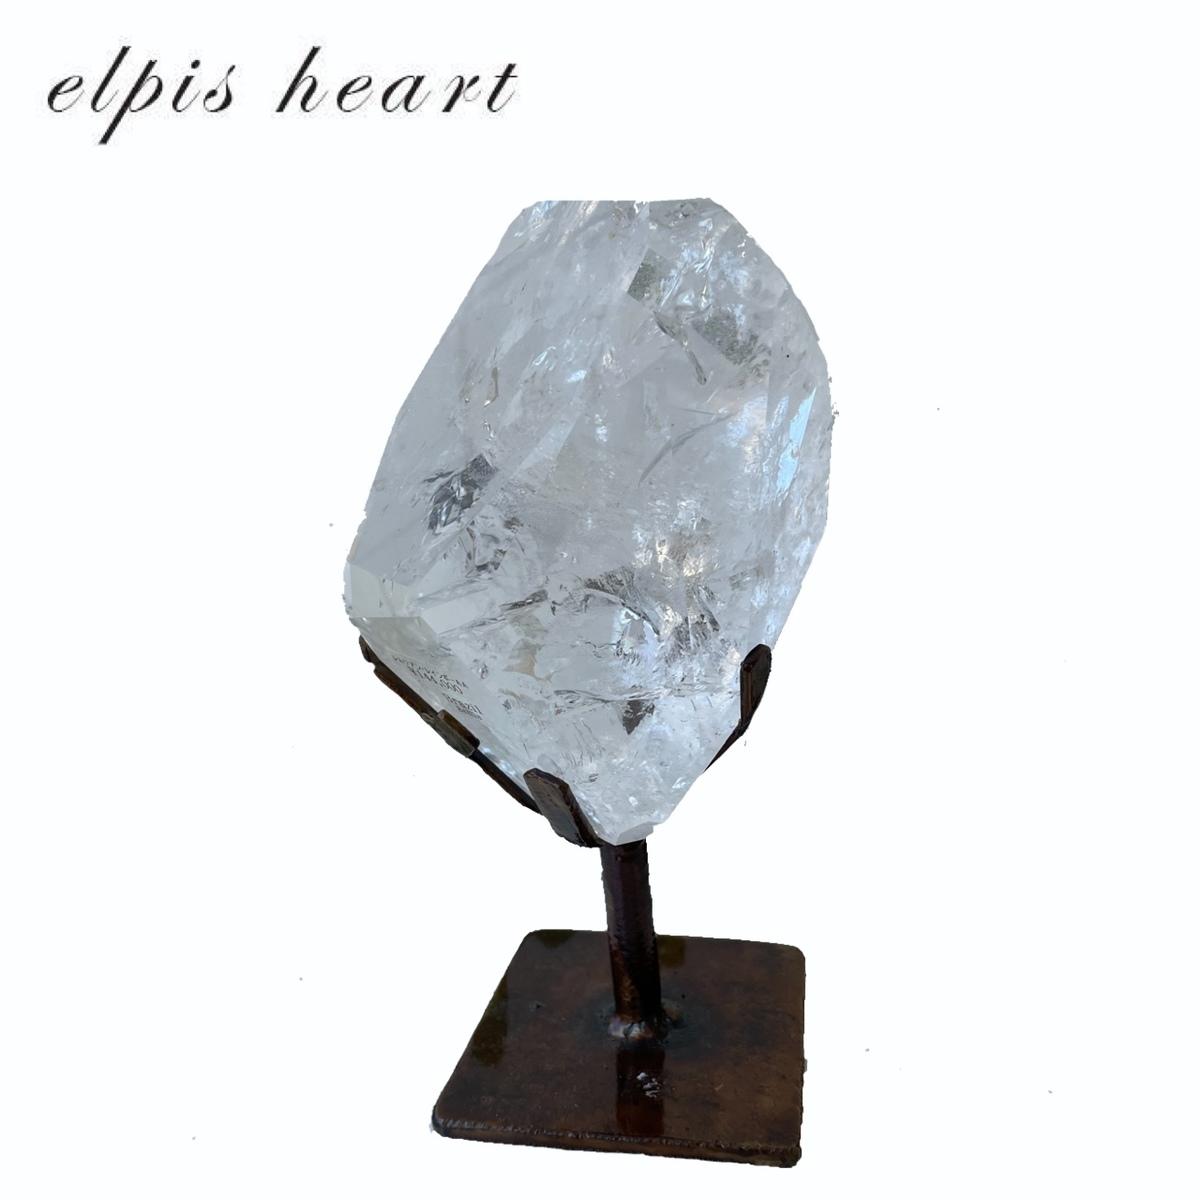 持ち主があらわれると目覚め 選択 大きなエネルギーが開放されるといわれているレムリアン水晶です 最高品質☆ レムリアン水晶☆レインボー入り☆ブラジル産 ストア